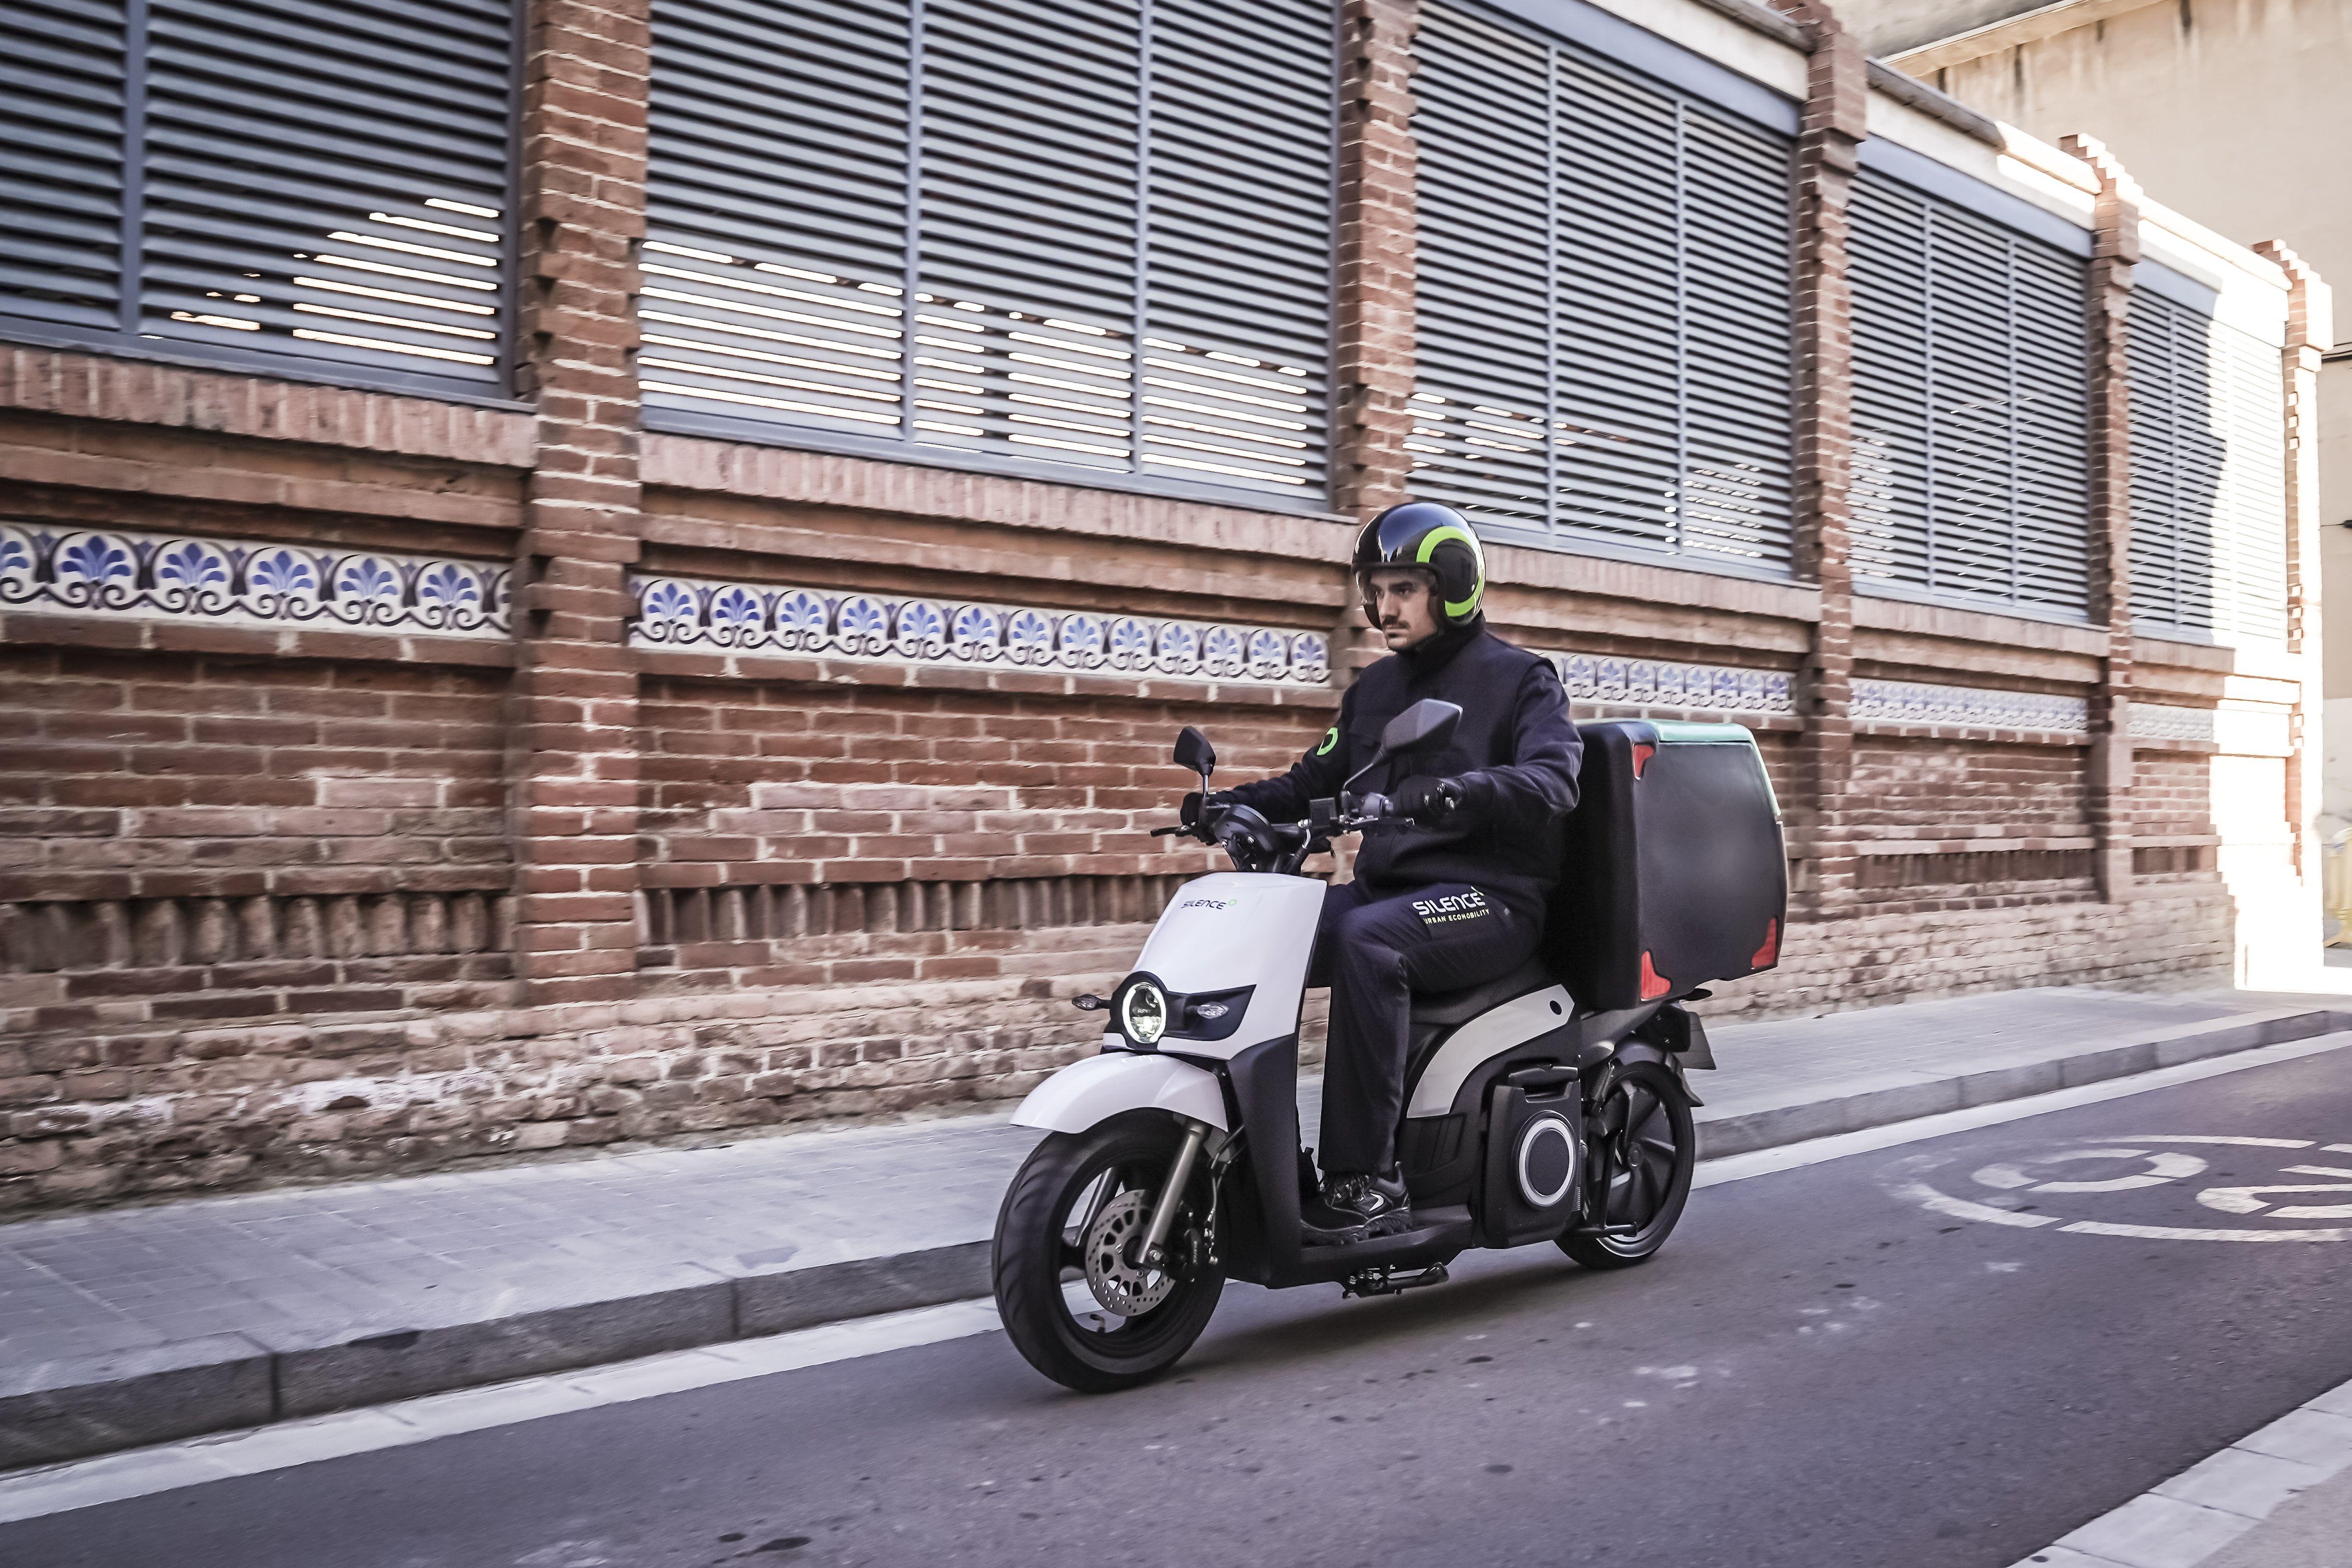 Silence S02 LS, un ciclomotor eléctrico por solo 3.200 euros   Motos   Motor EL PAÍS